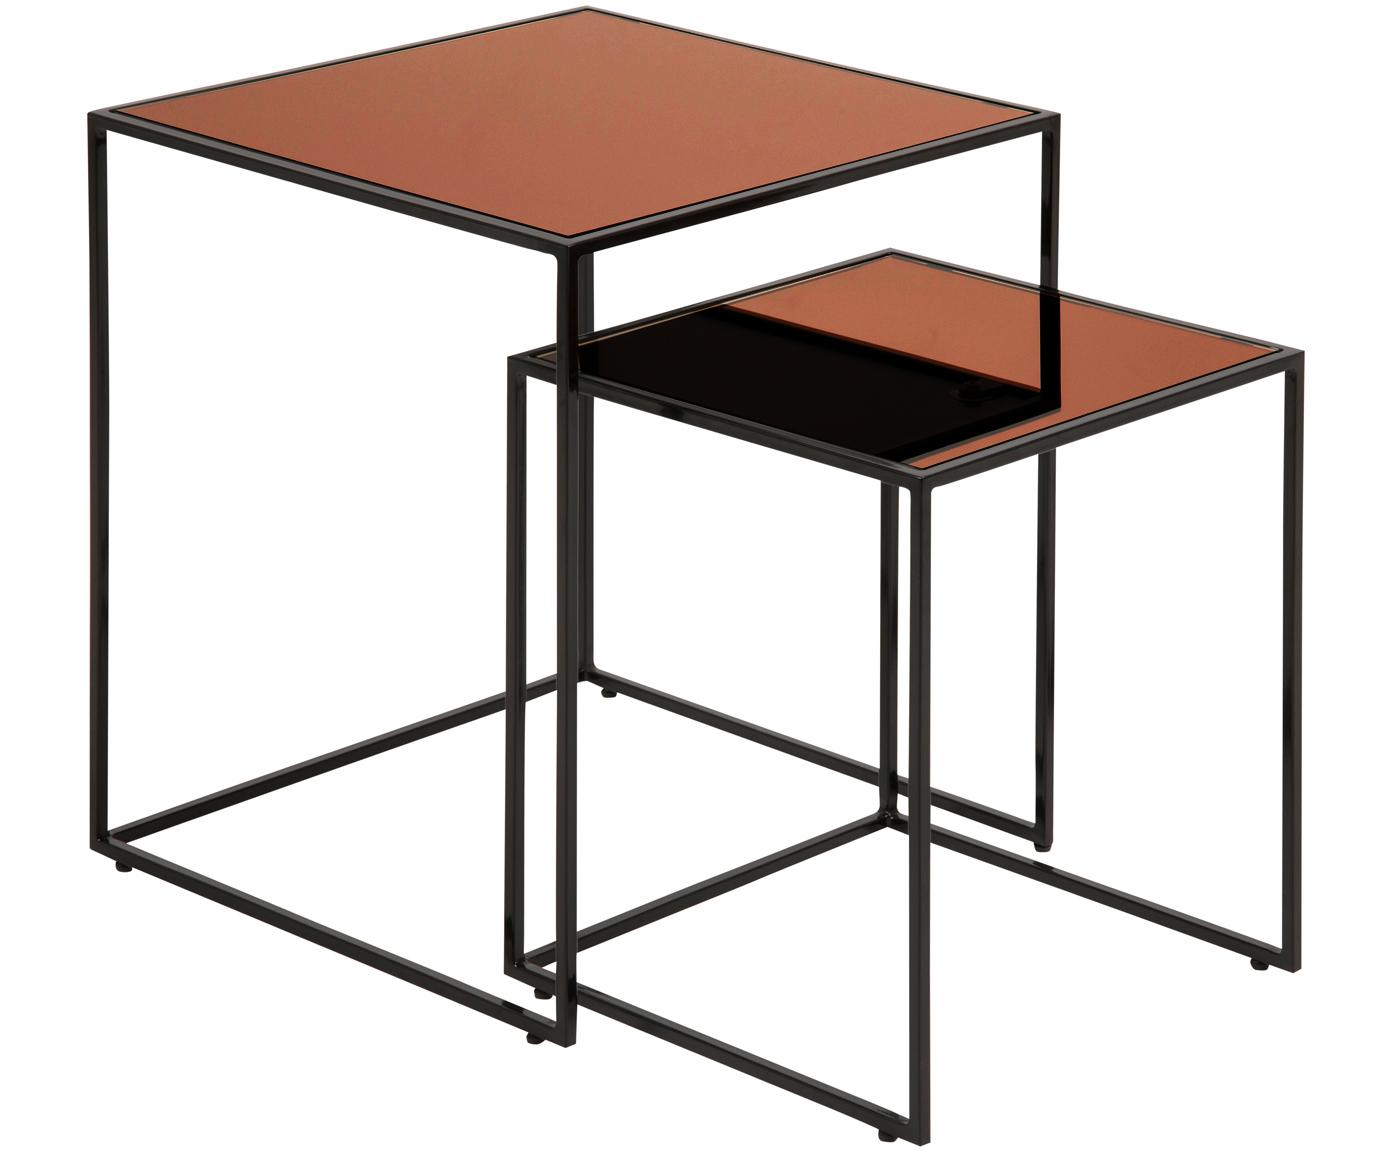 Komplet stolików pomocniczych Bolton, 2 elem., Stelaż: stal malowana proszkowo, Blat: szkło hartowane, powlekan, Czarny, odcienie miedzianego, Różne rozmiary